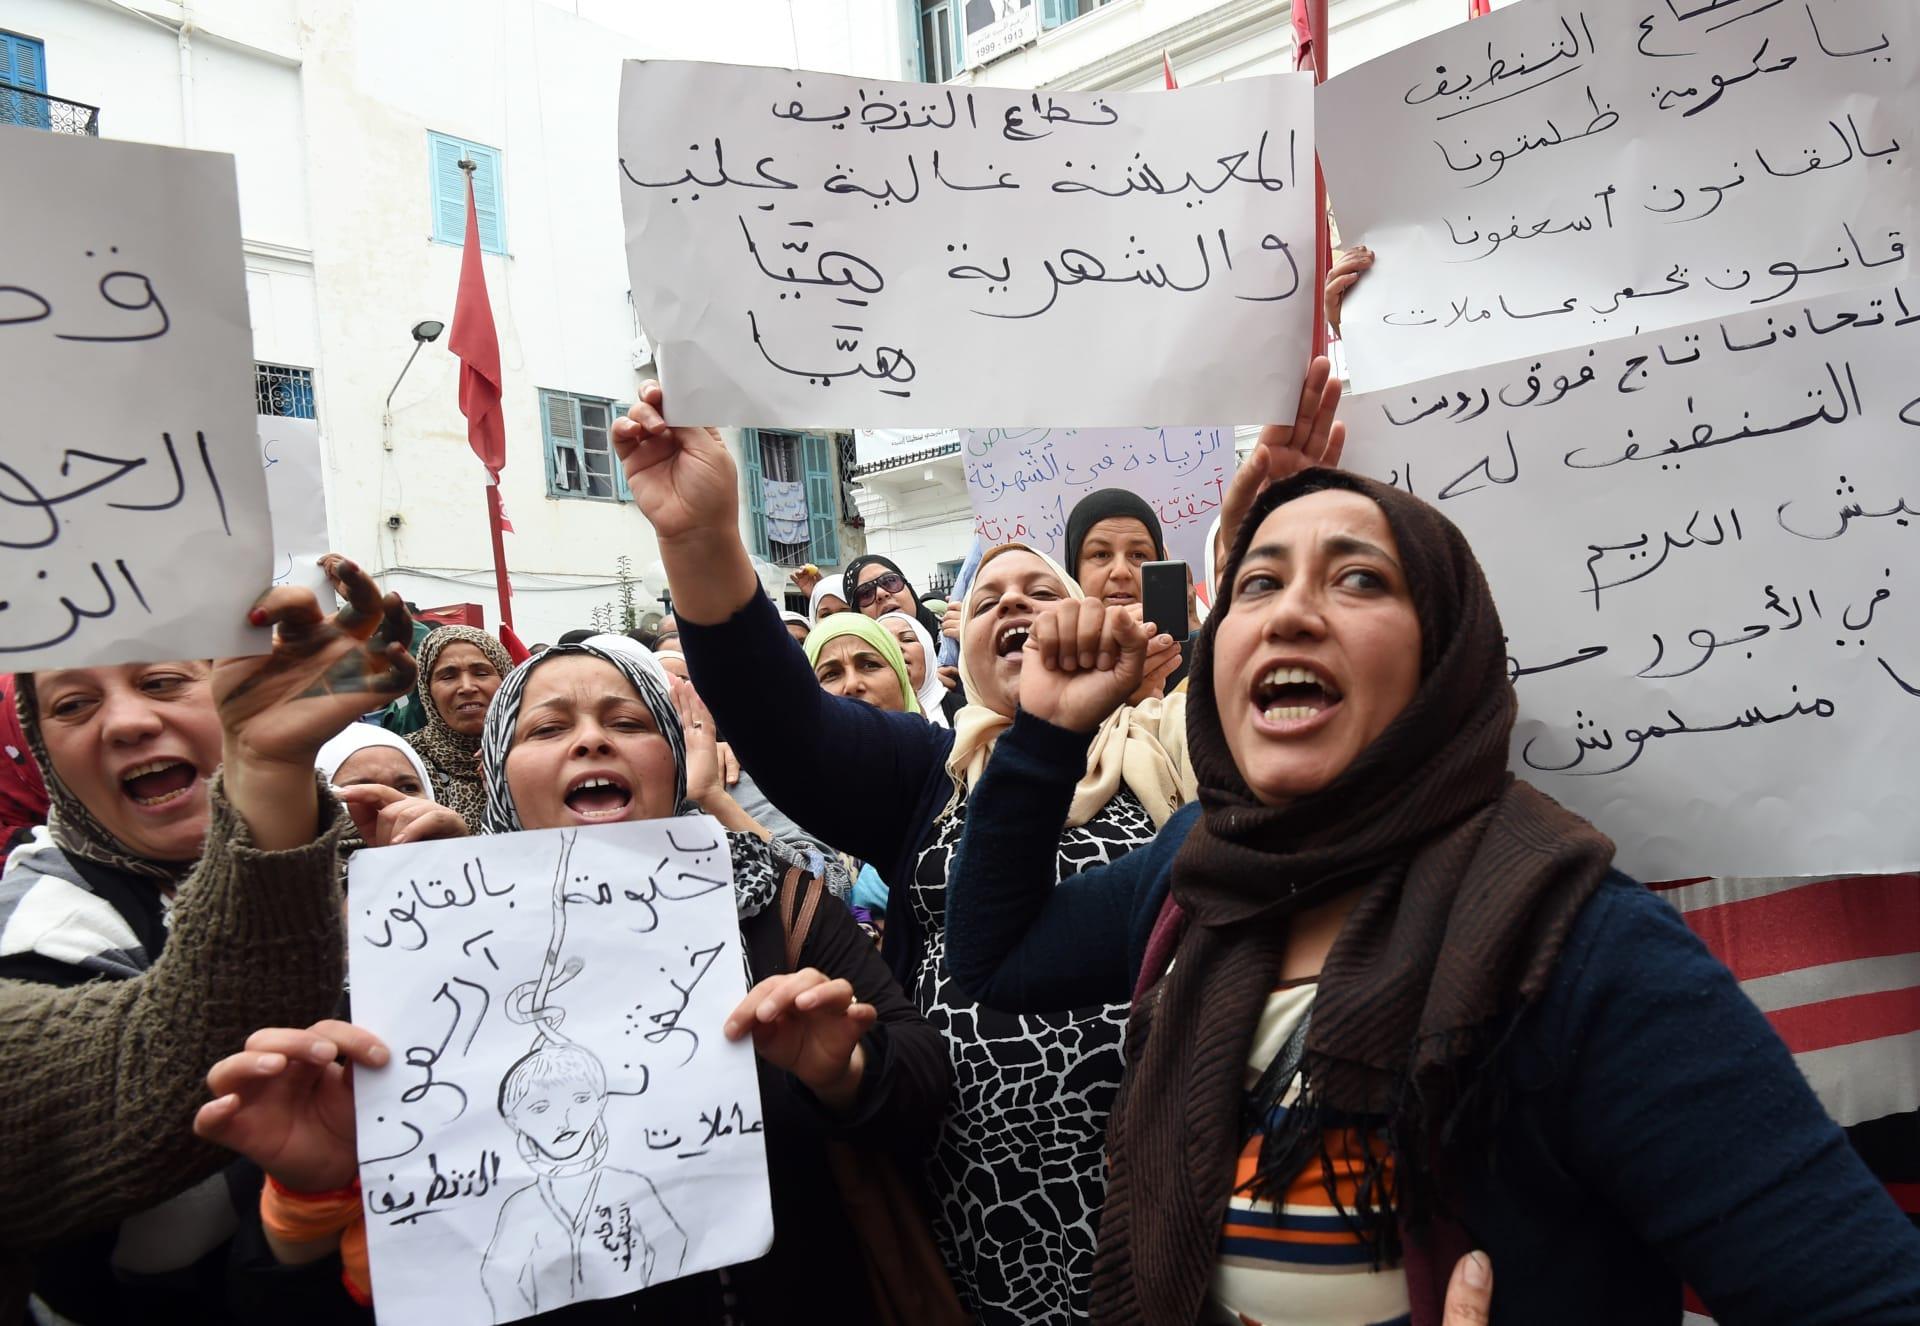 تونس تدخل في إضراب عام.. والشاهد: كلفته كبيرة على البلاد